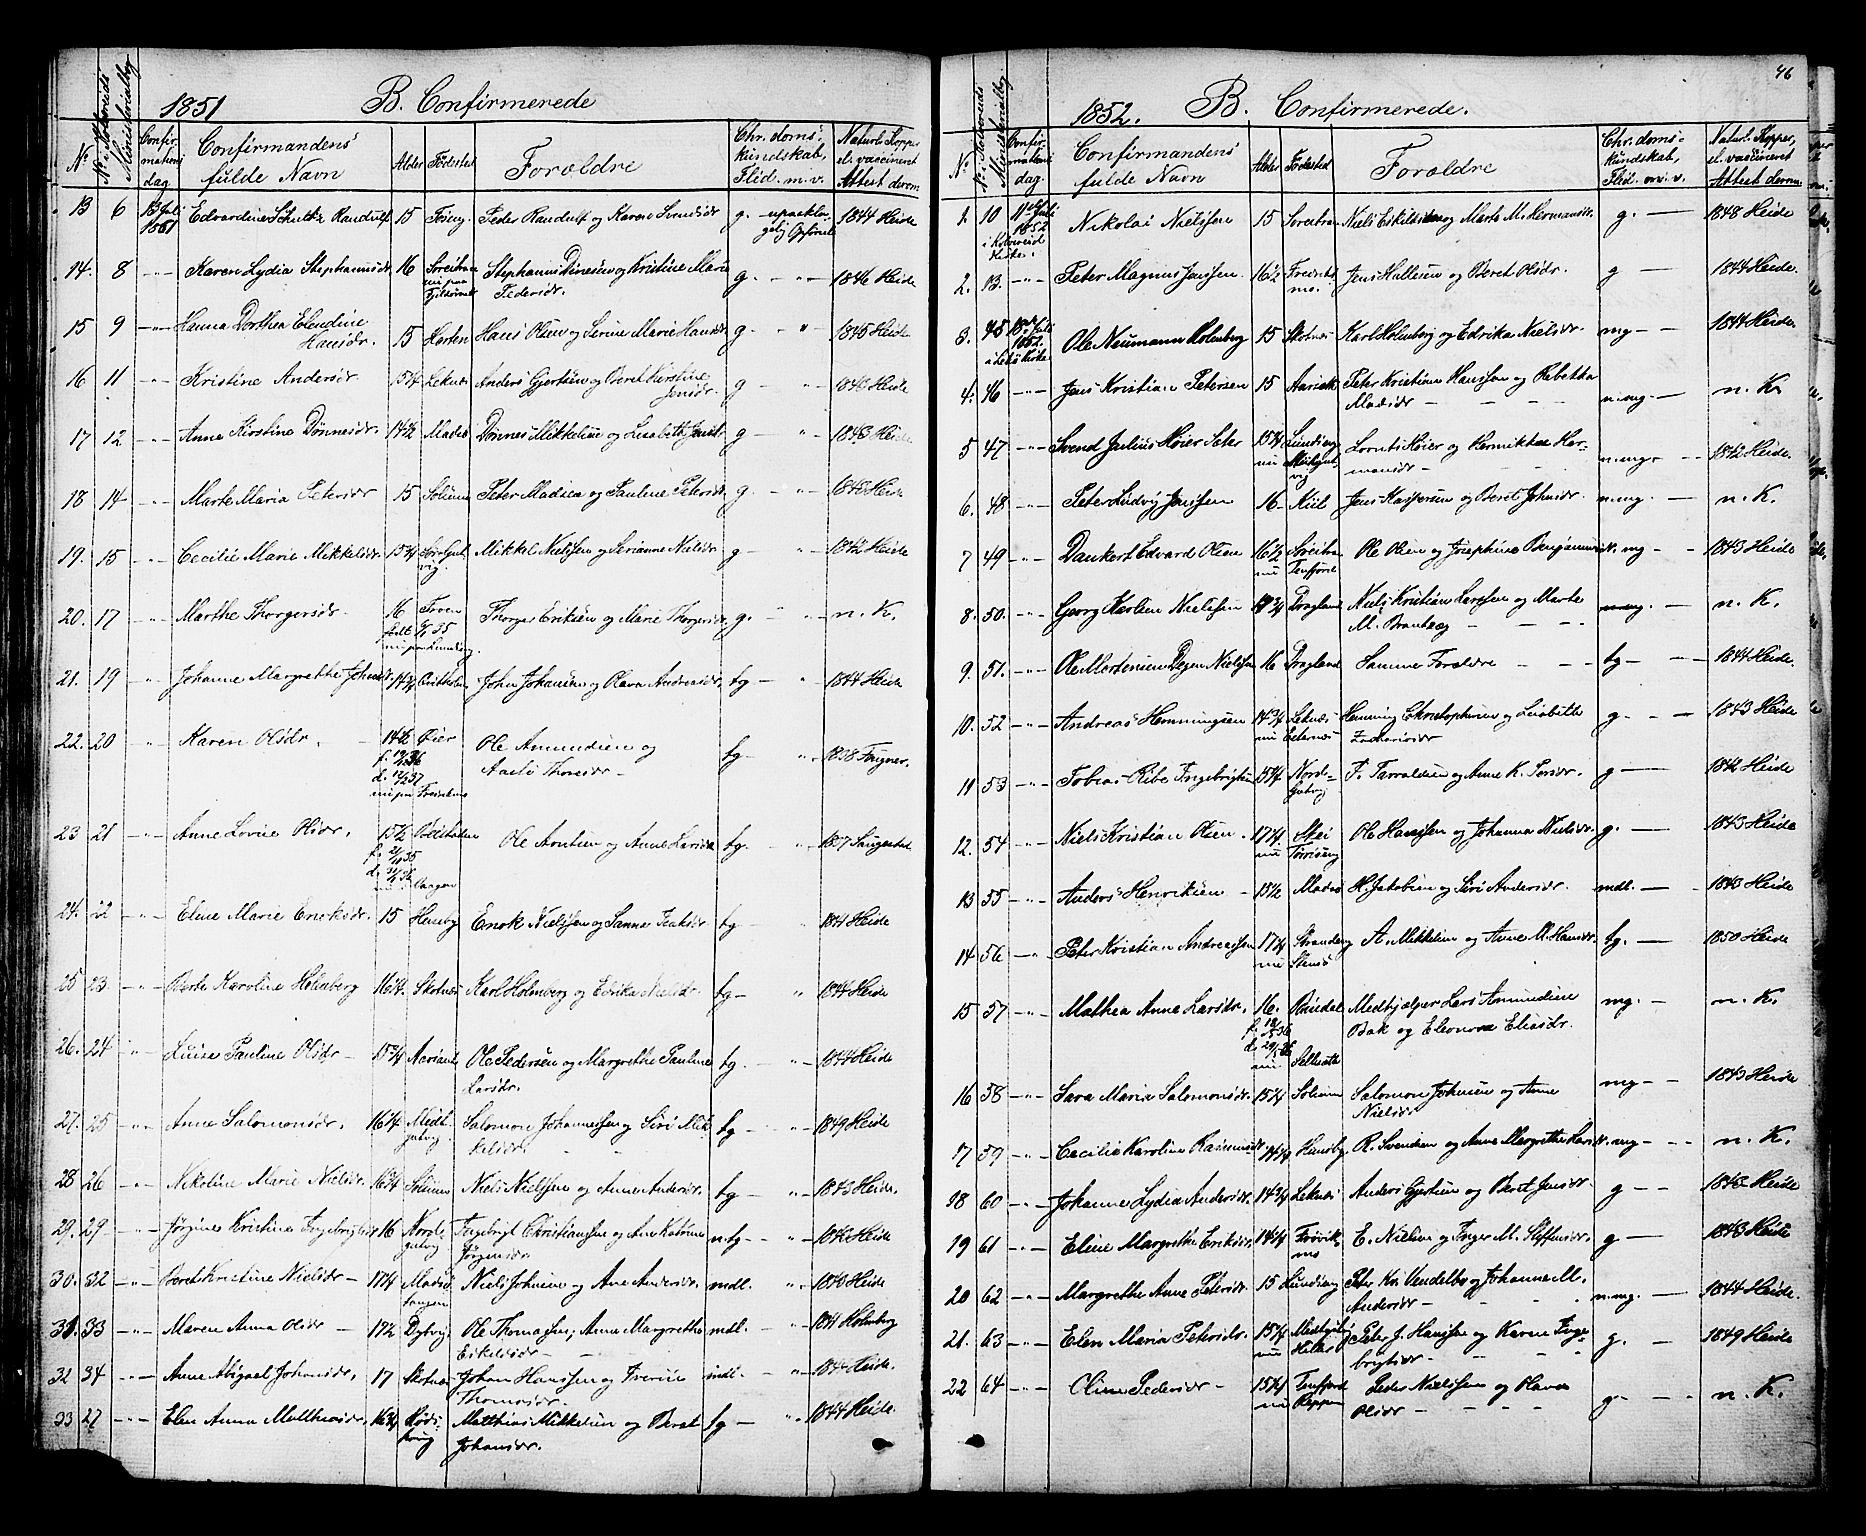 SAT, Ministerialprotokoller, klokkerbøker og fødselsregistre - Nord-Trøndelag, 788/L0695: Ministerialbok nr. 788A02, 1843-1862, s. 46